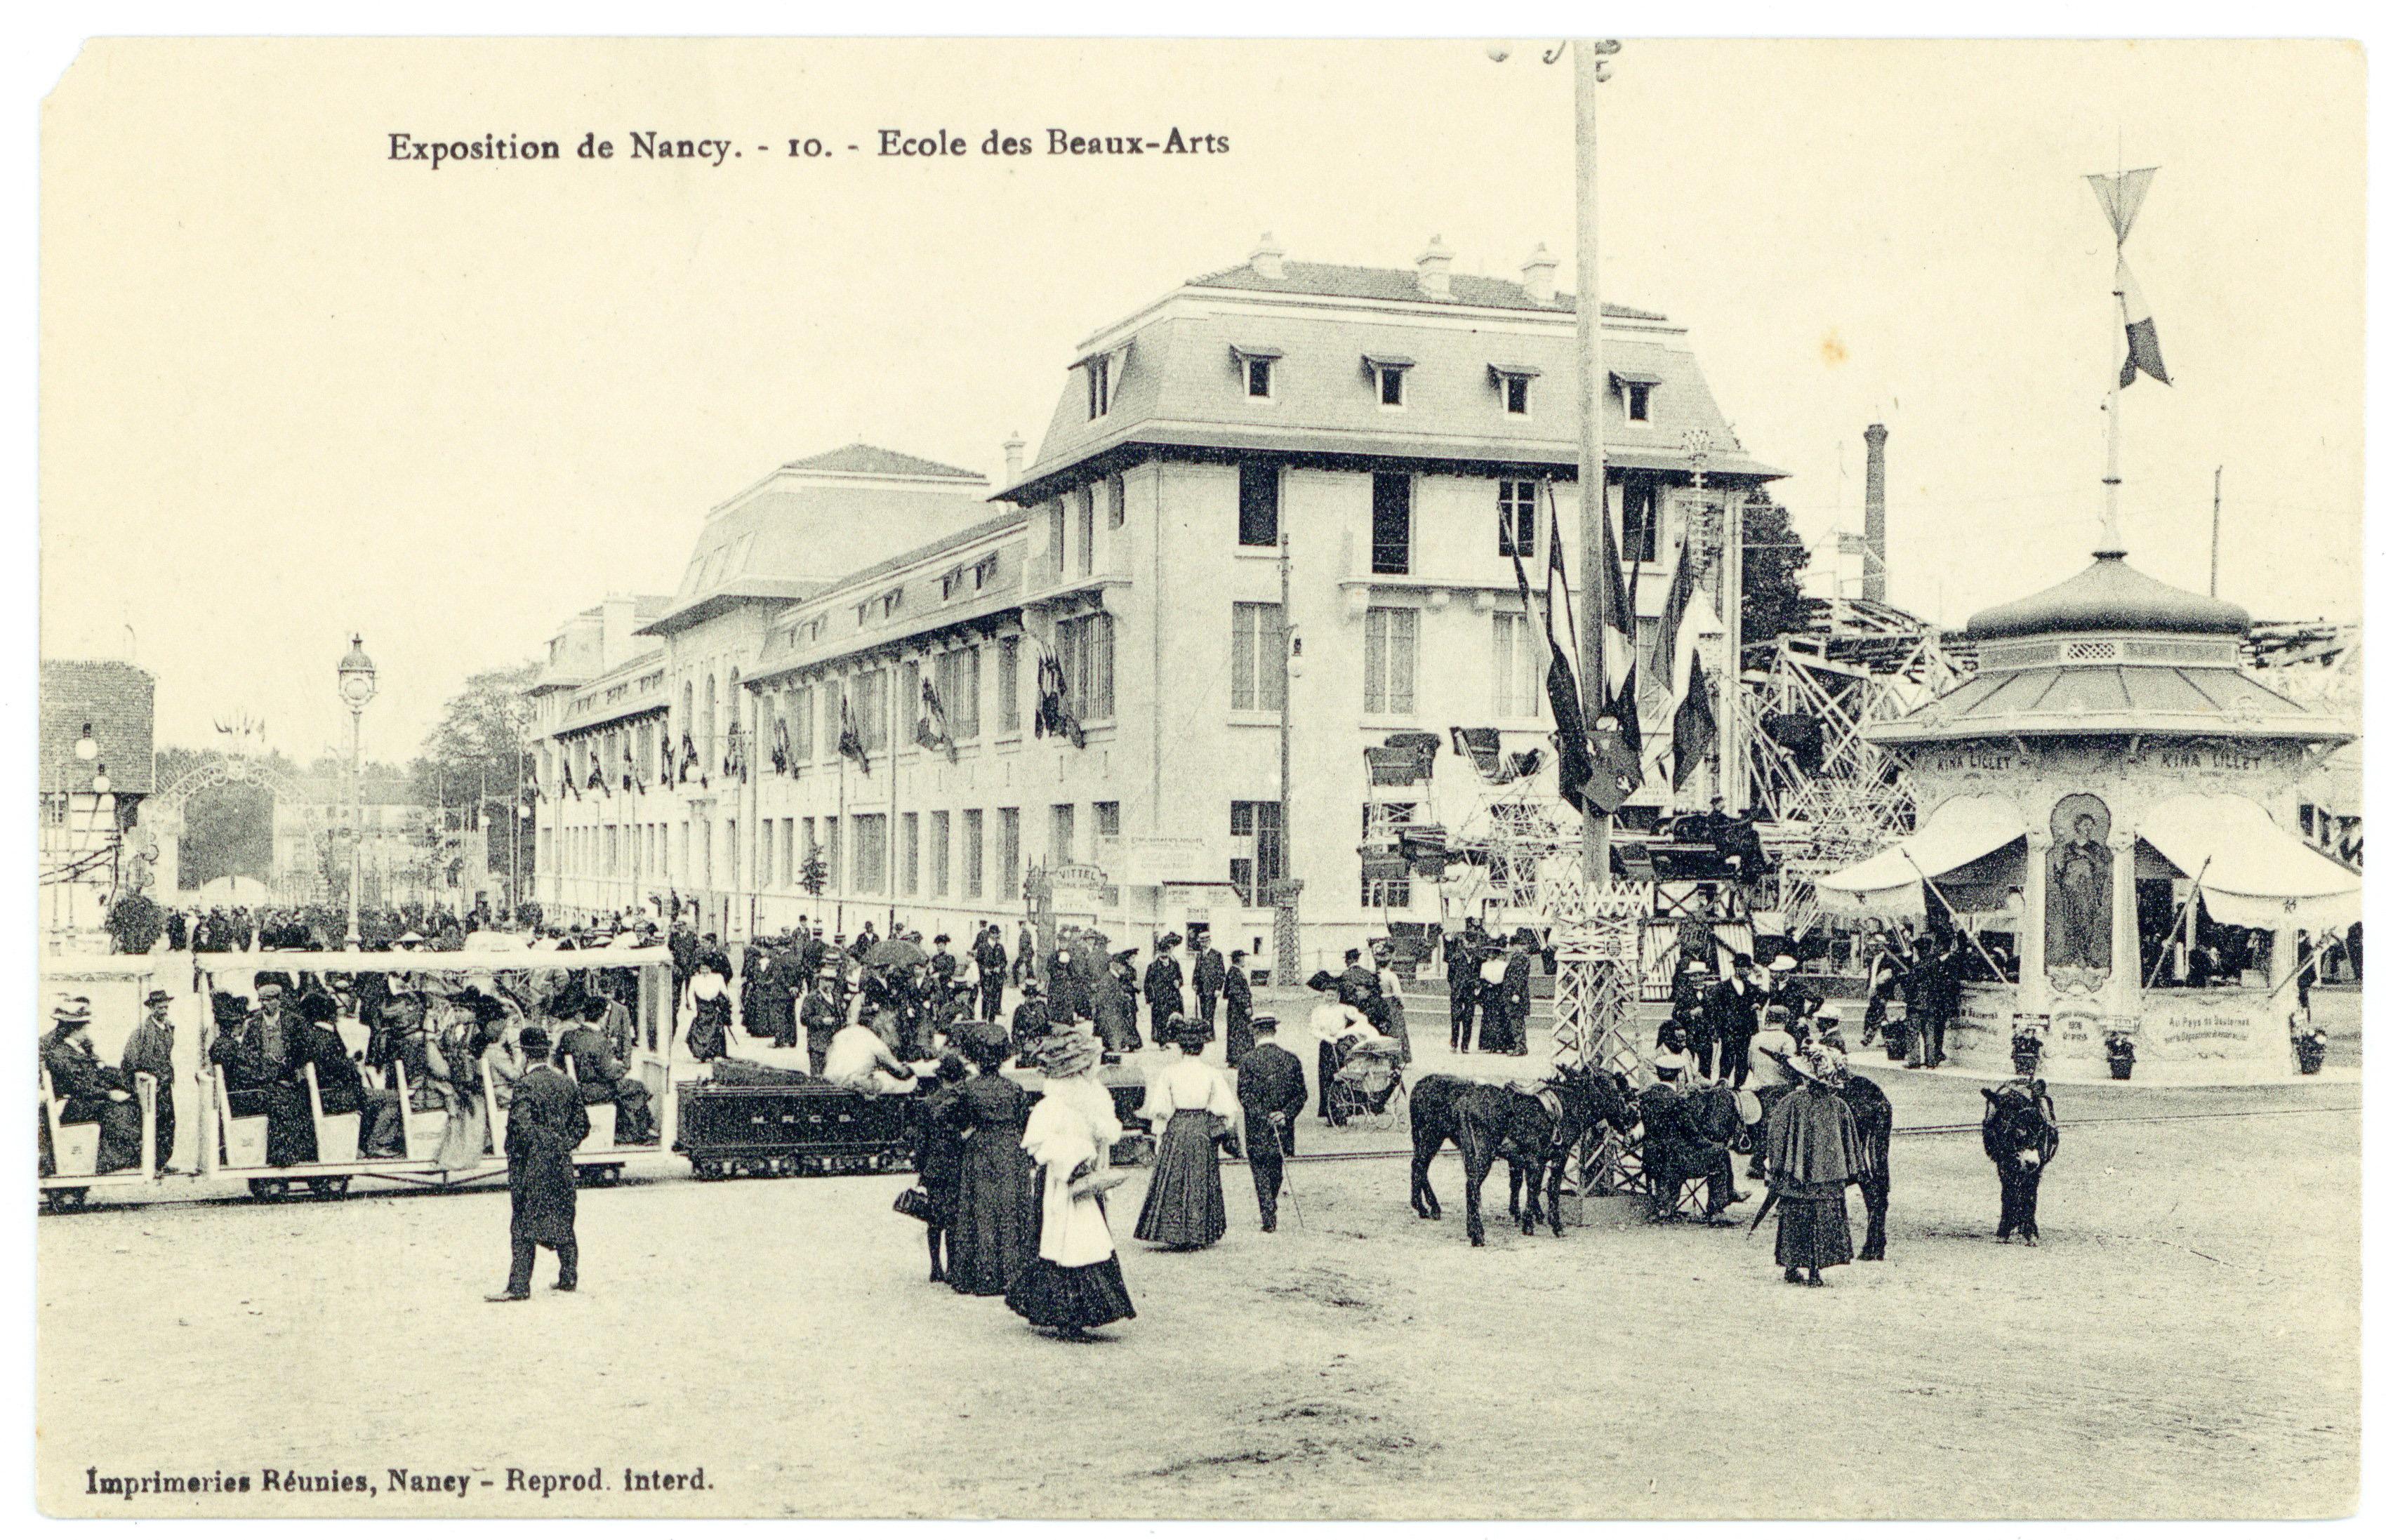 Contenu du École des Beaux-Arts : exposition de Nancy